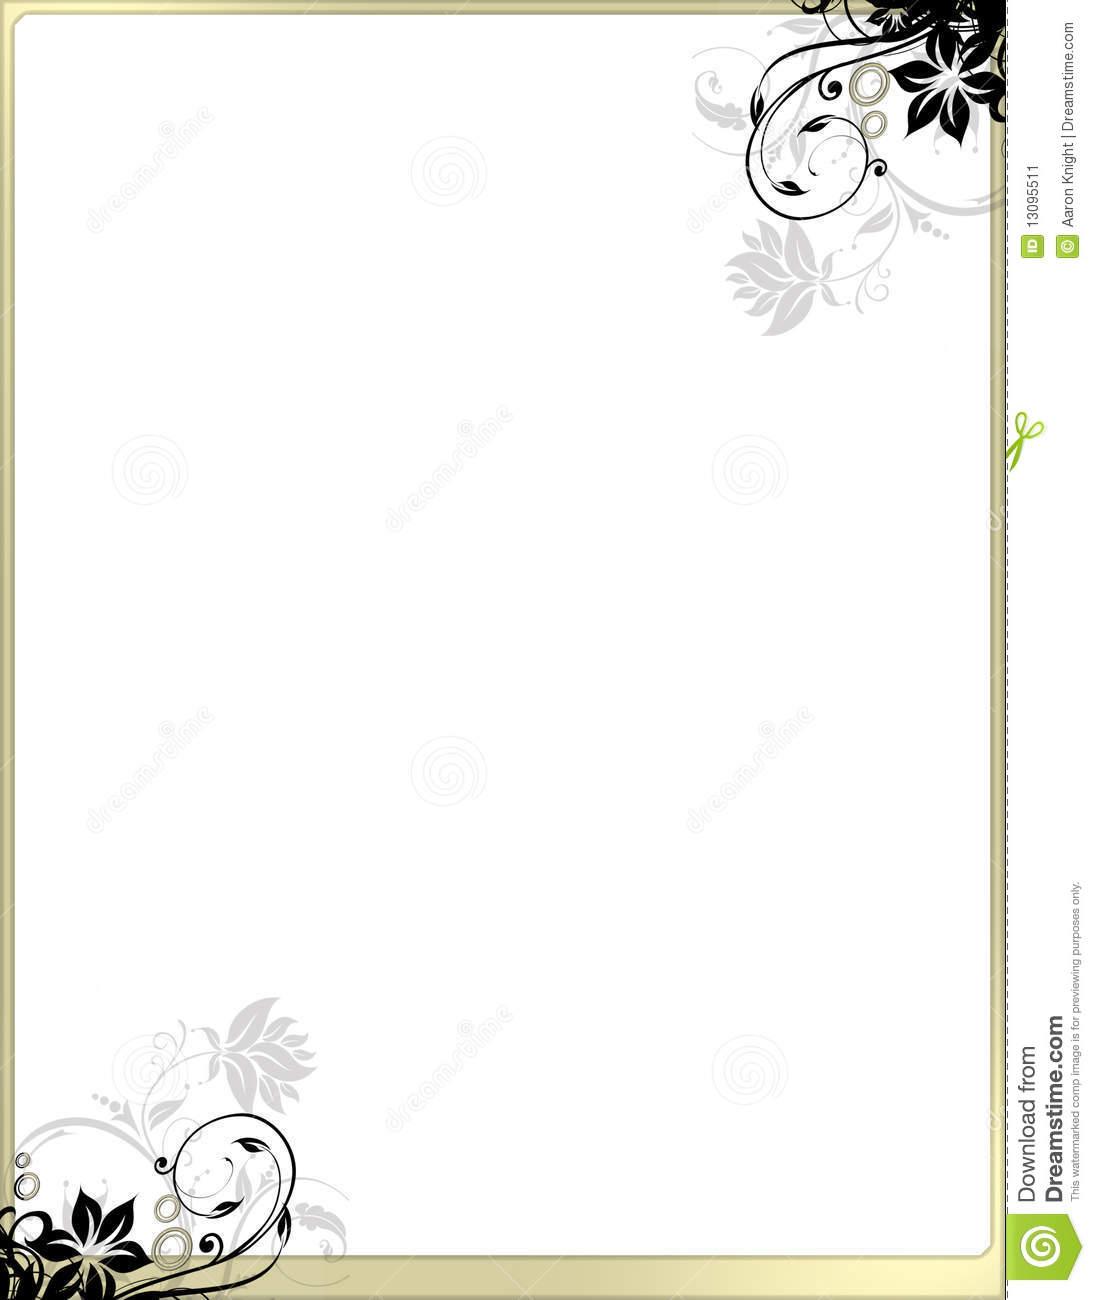 12 Elegant Page Border Designs Images - Elegant Page ...